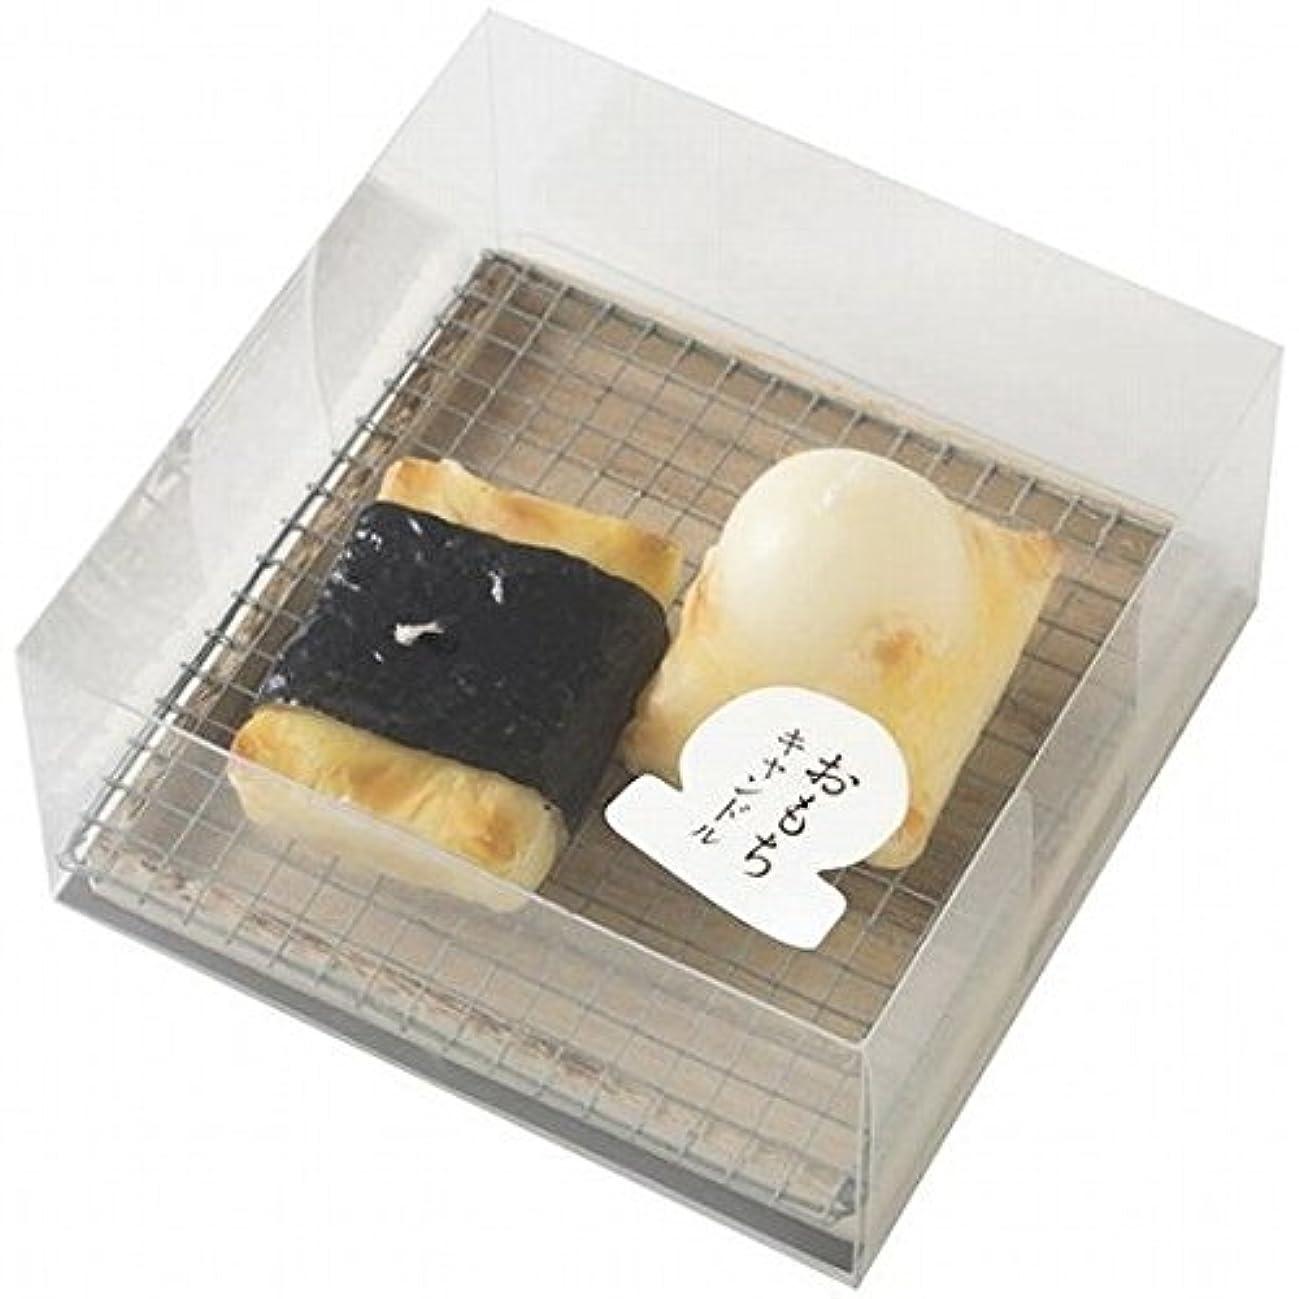 メジャー実現可能悪性kameyama candle(カメヤマキャンドル) おもちキャンドル(86930000)